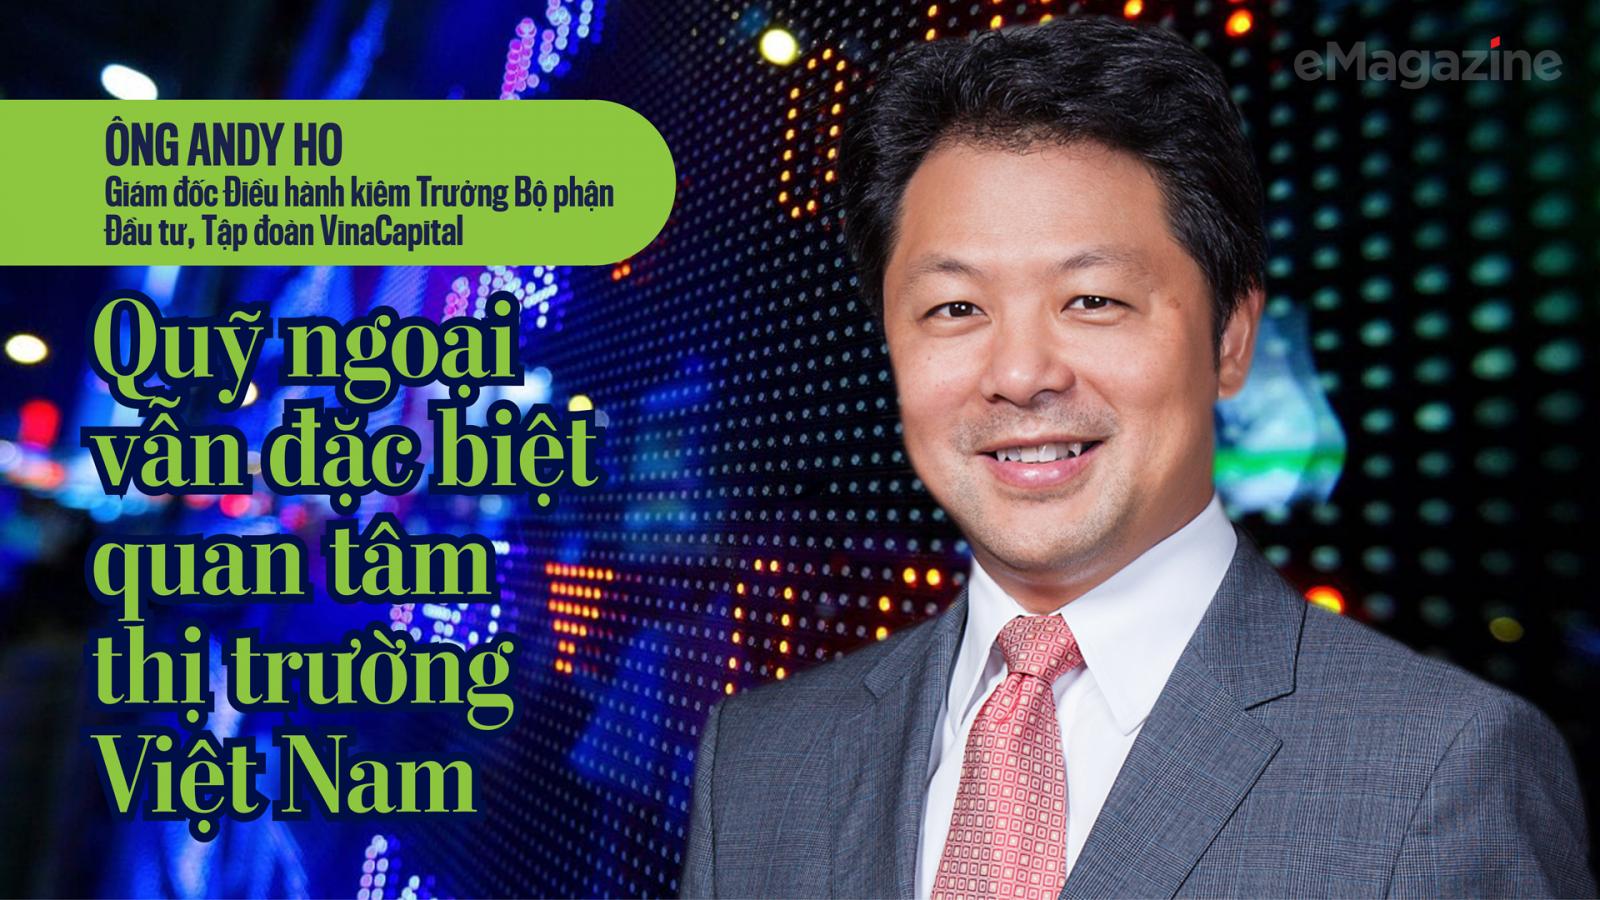 Ông Andy Ho-GĐ điều hành kiêm trưởng bộ phận đầu tư, Tập đoàn VinaCapital: Quỹ ngoại vẫn đặc biệt quan tâm thị trường Việt Nam